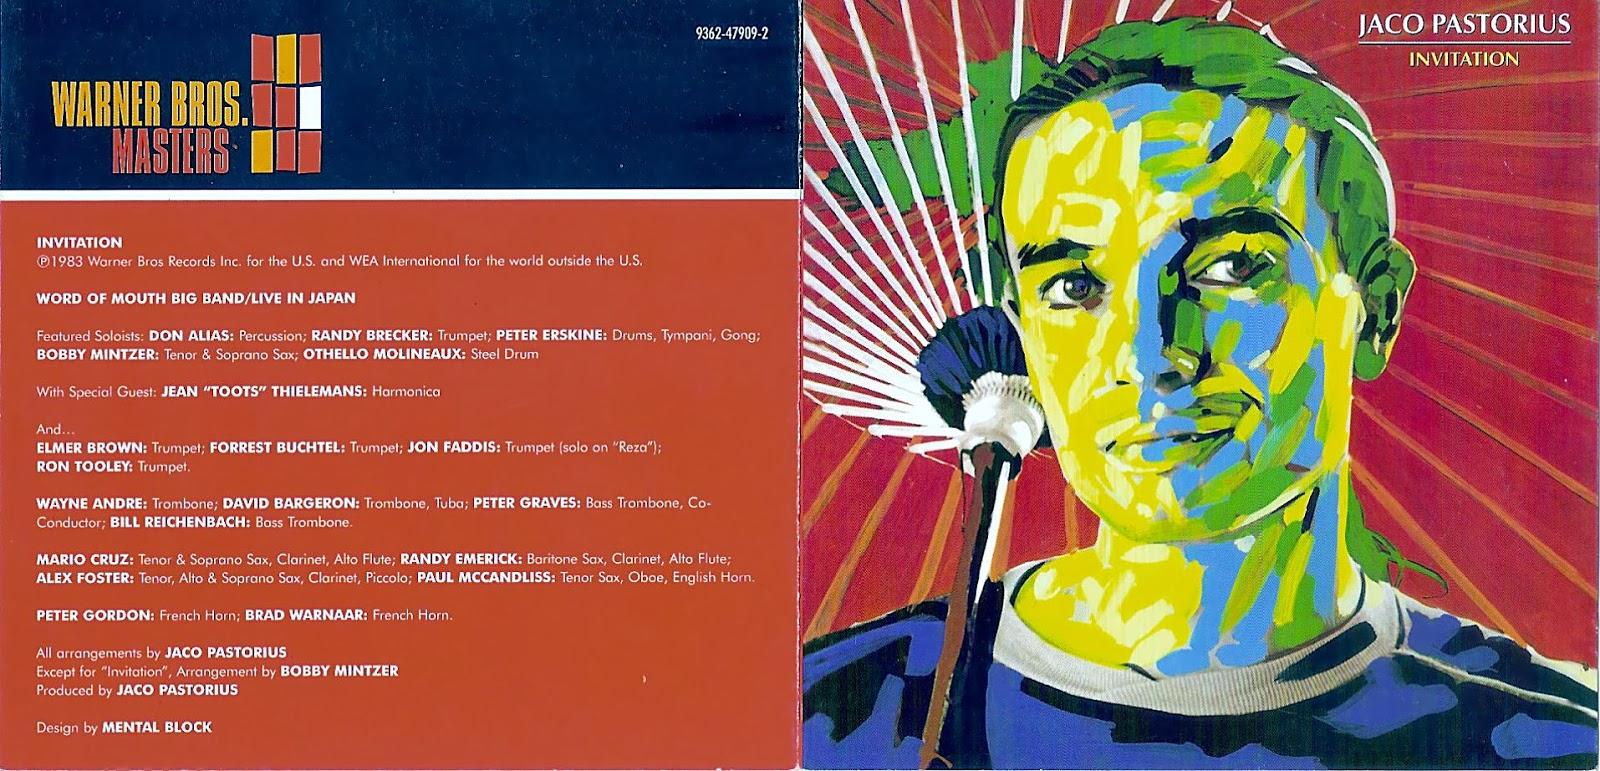 El cielo y el dedo jaco pastorius 1983 invitation listado de temas 01 invitation stopboris Image collections